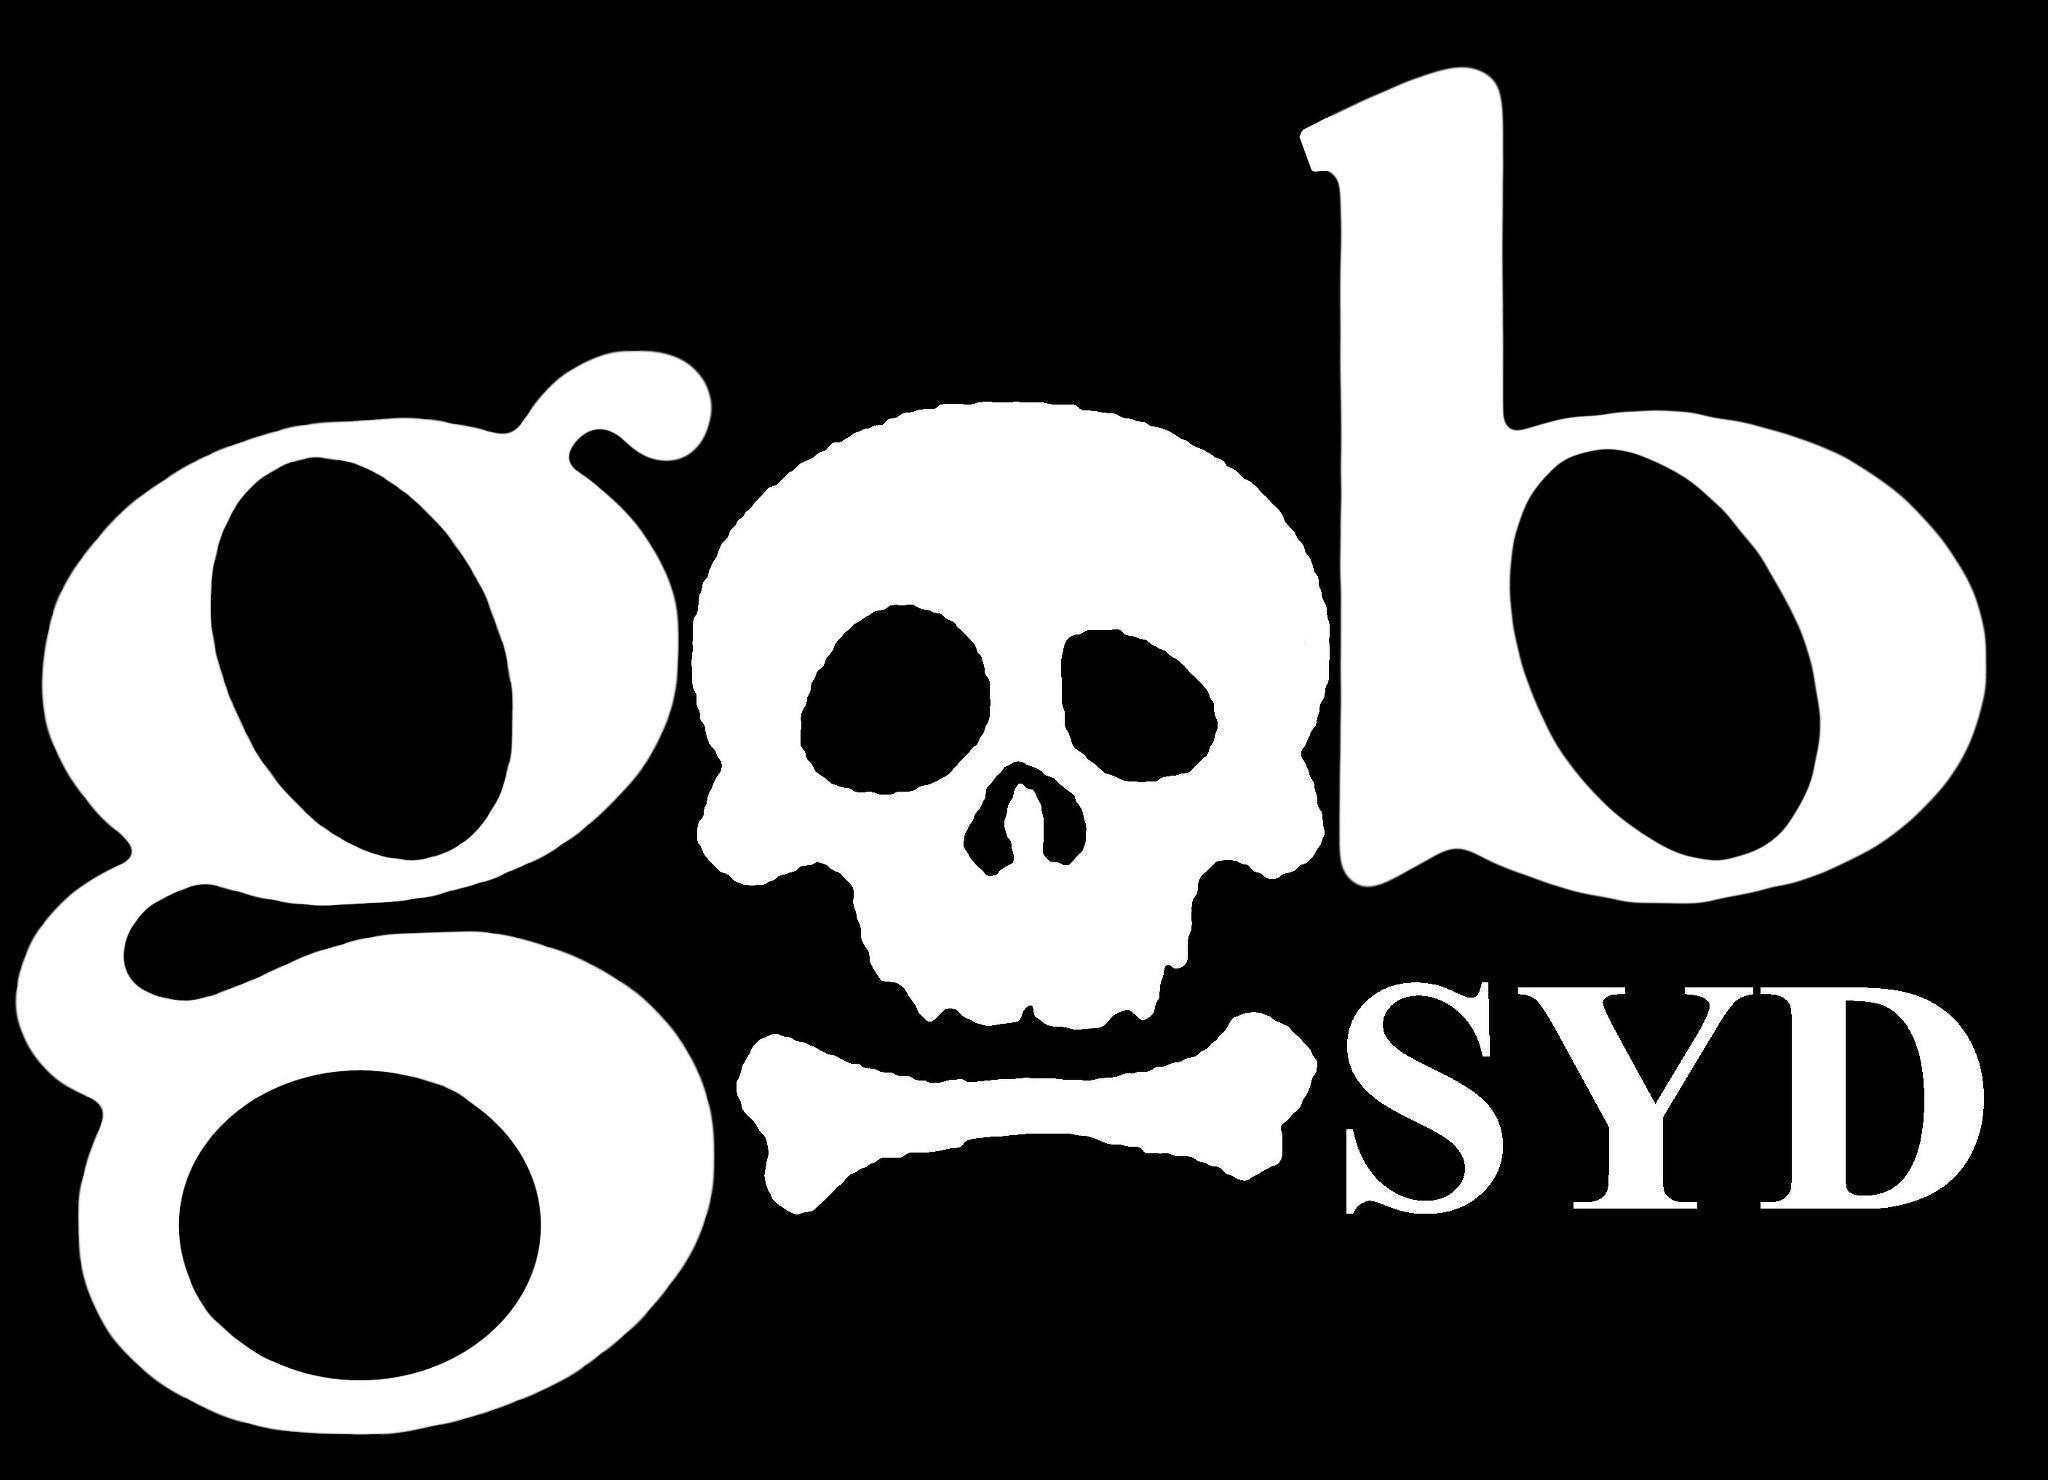 GoB-syd